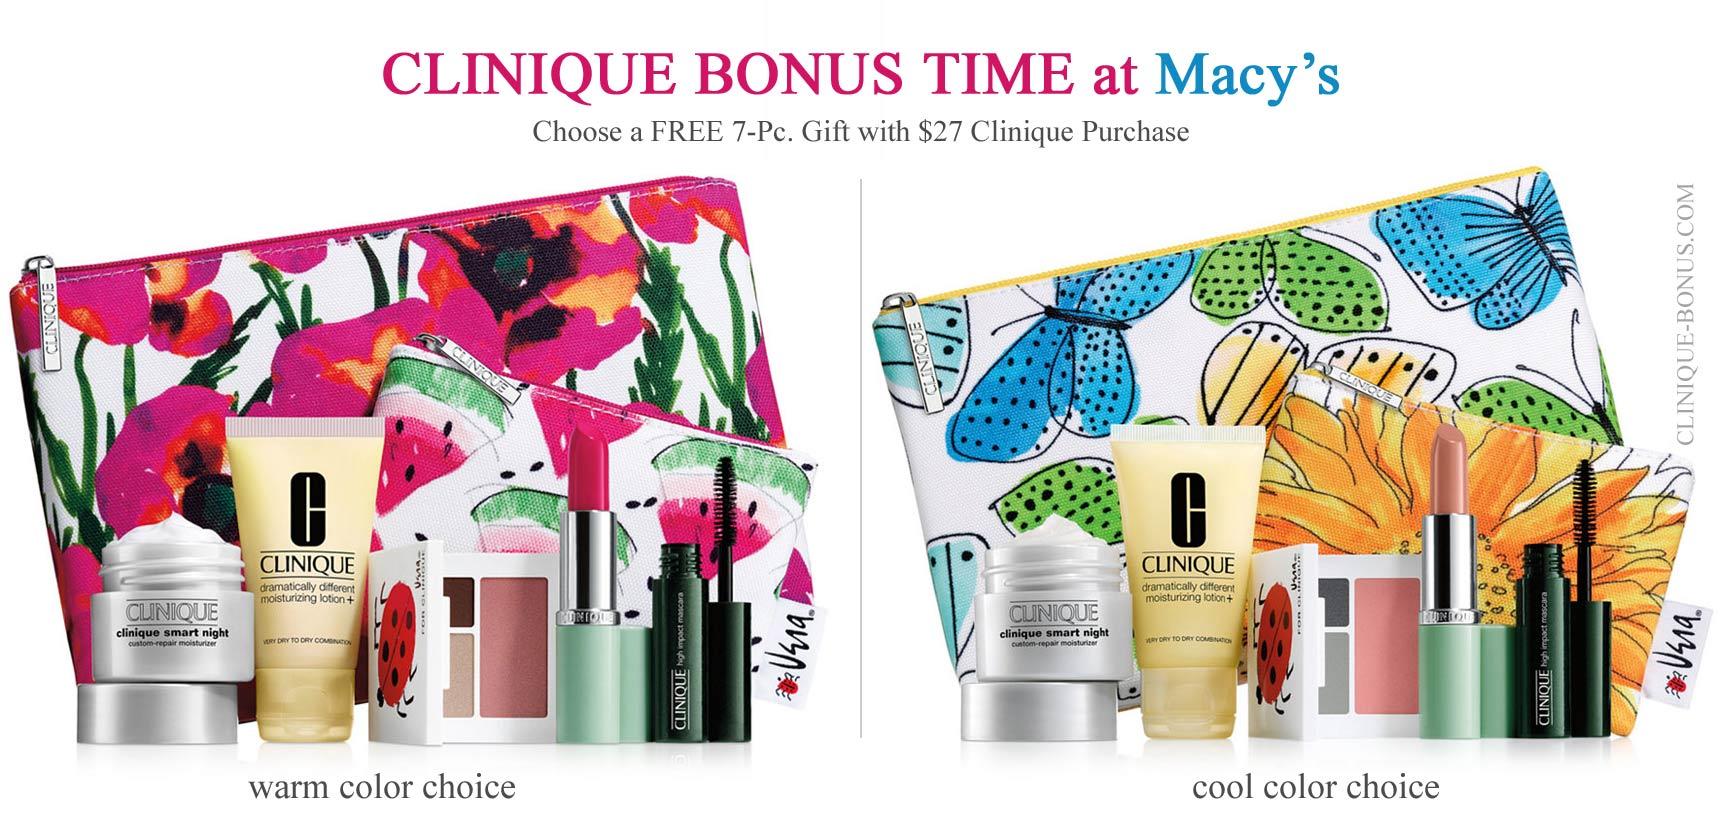 clinique bonus time at